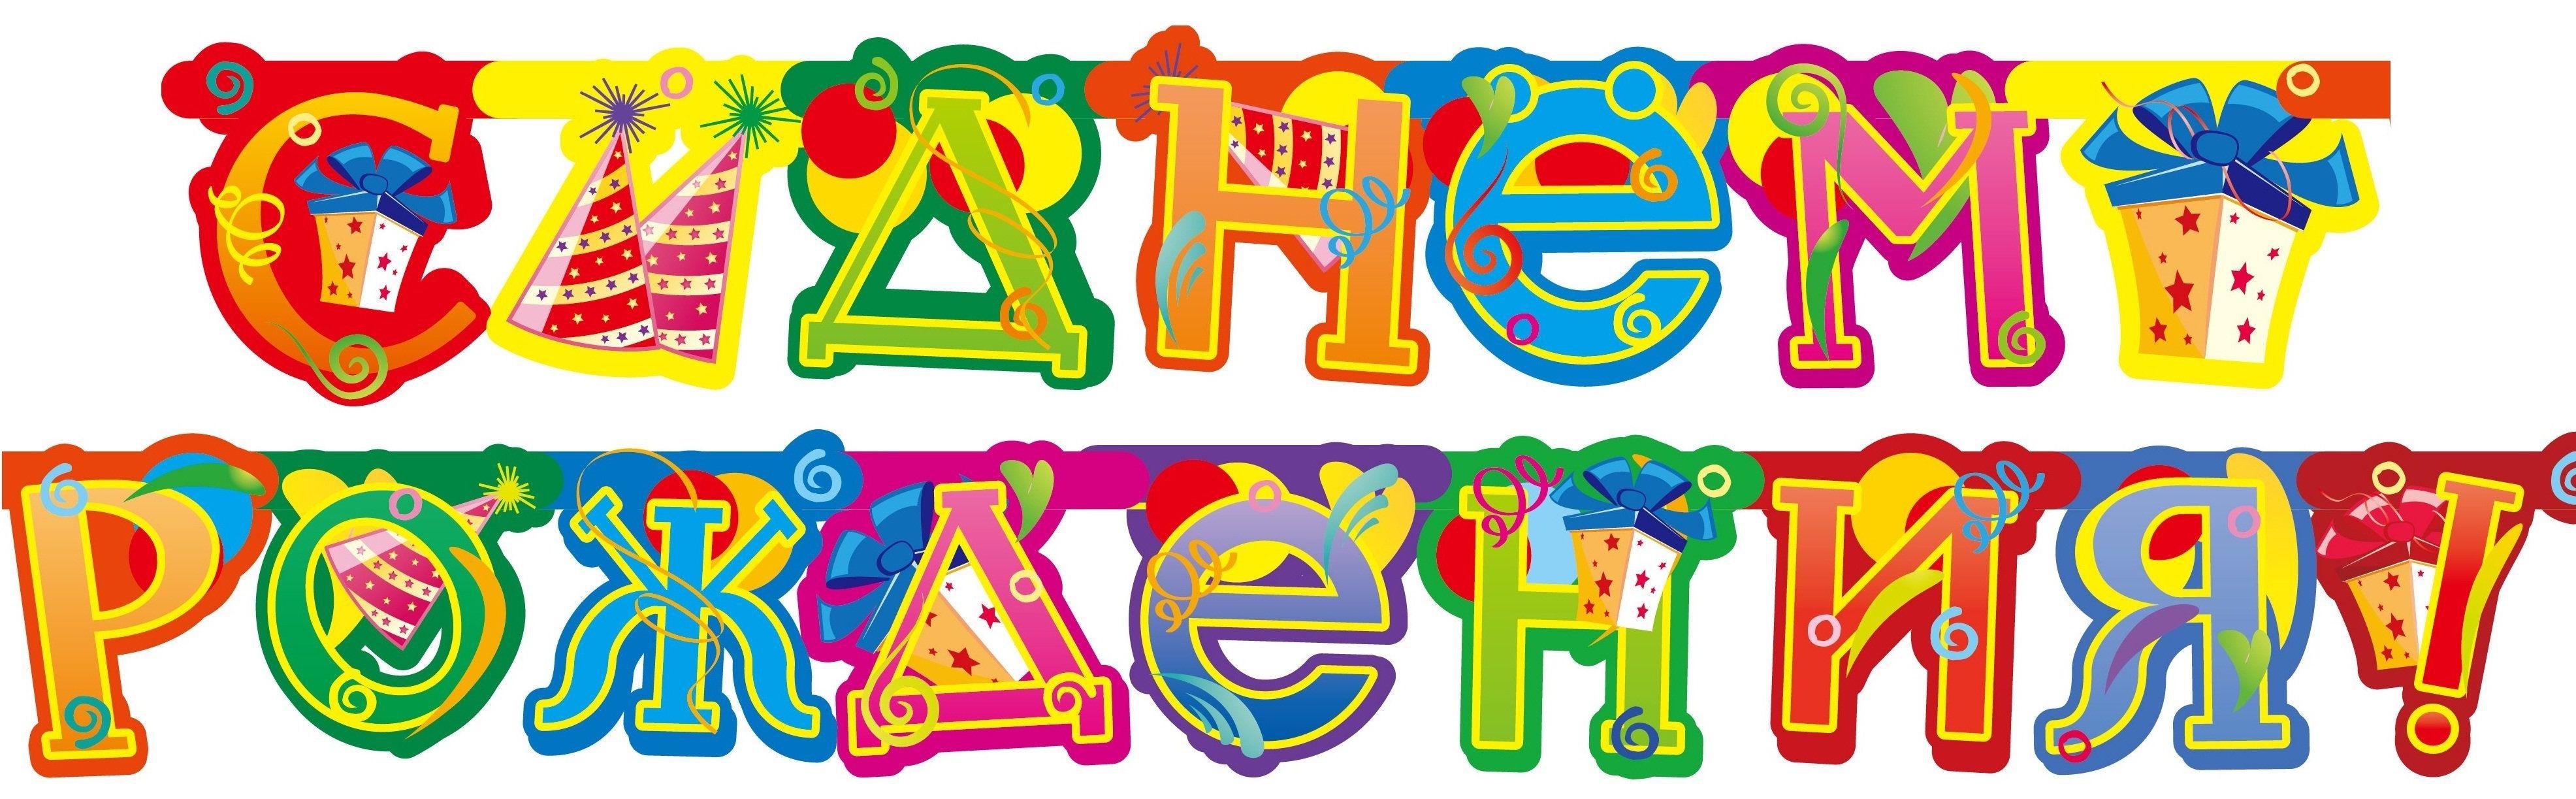 Буквы для поздравления картинки